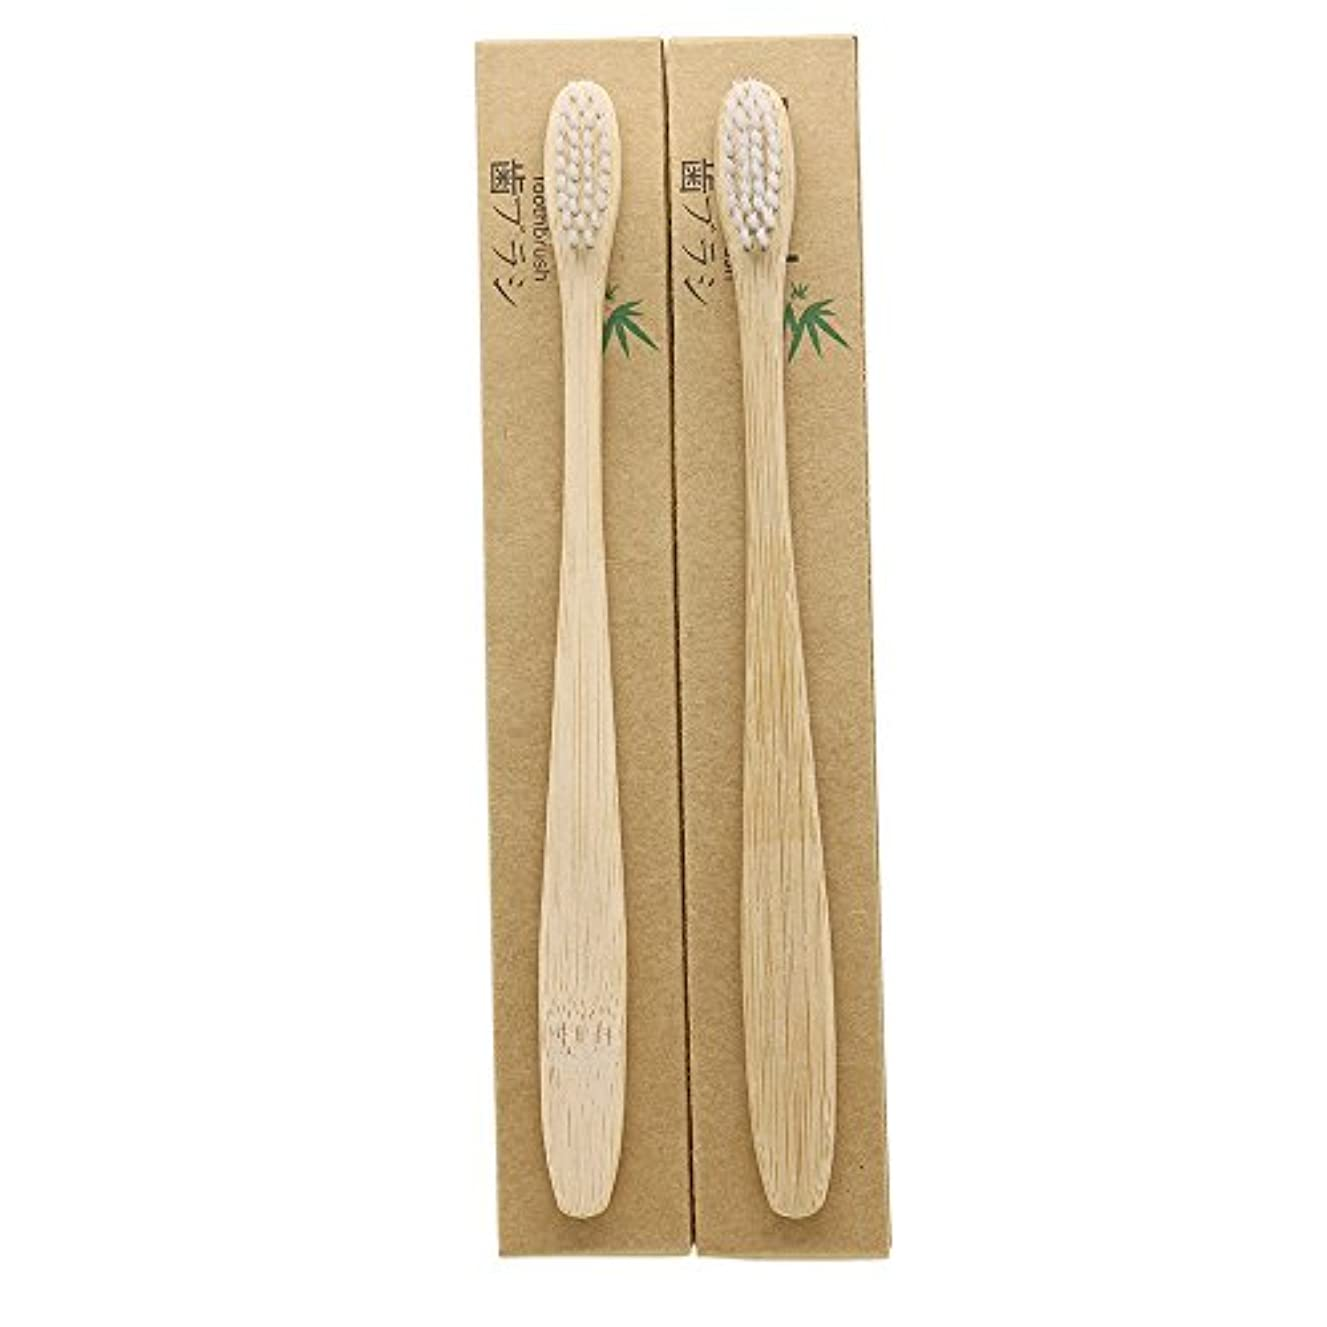 愛されし者ゲージマートN-amboo 竹製耐久度高い 歯ブラシ 2本入り セット エコ ヘッド小さい 白い